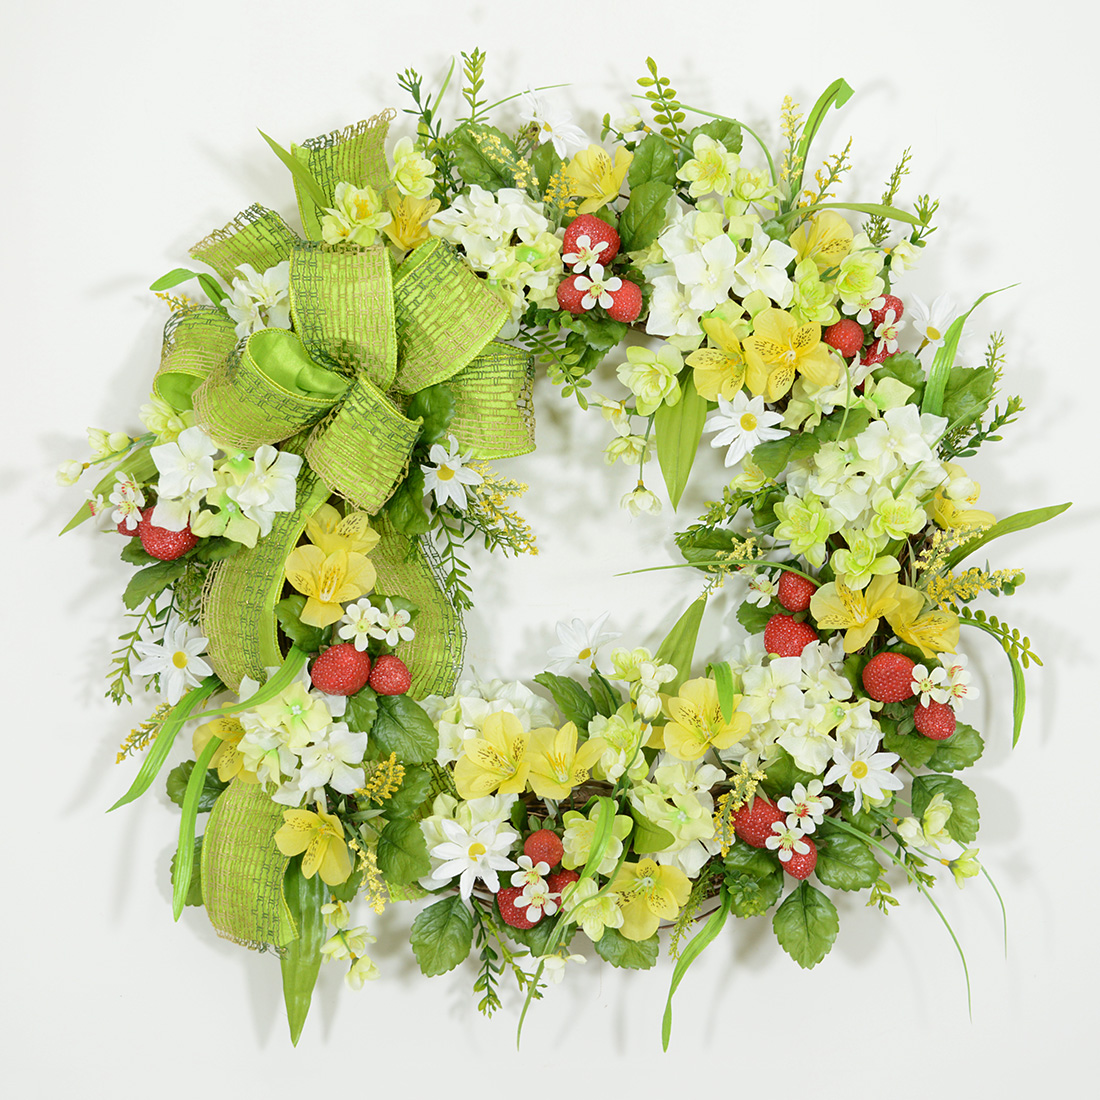 The Wreath Club - Wreaths Unlimited